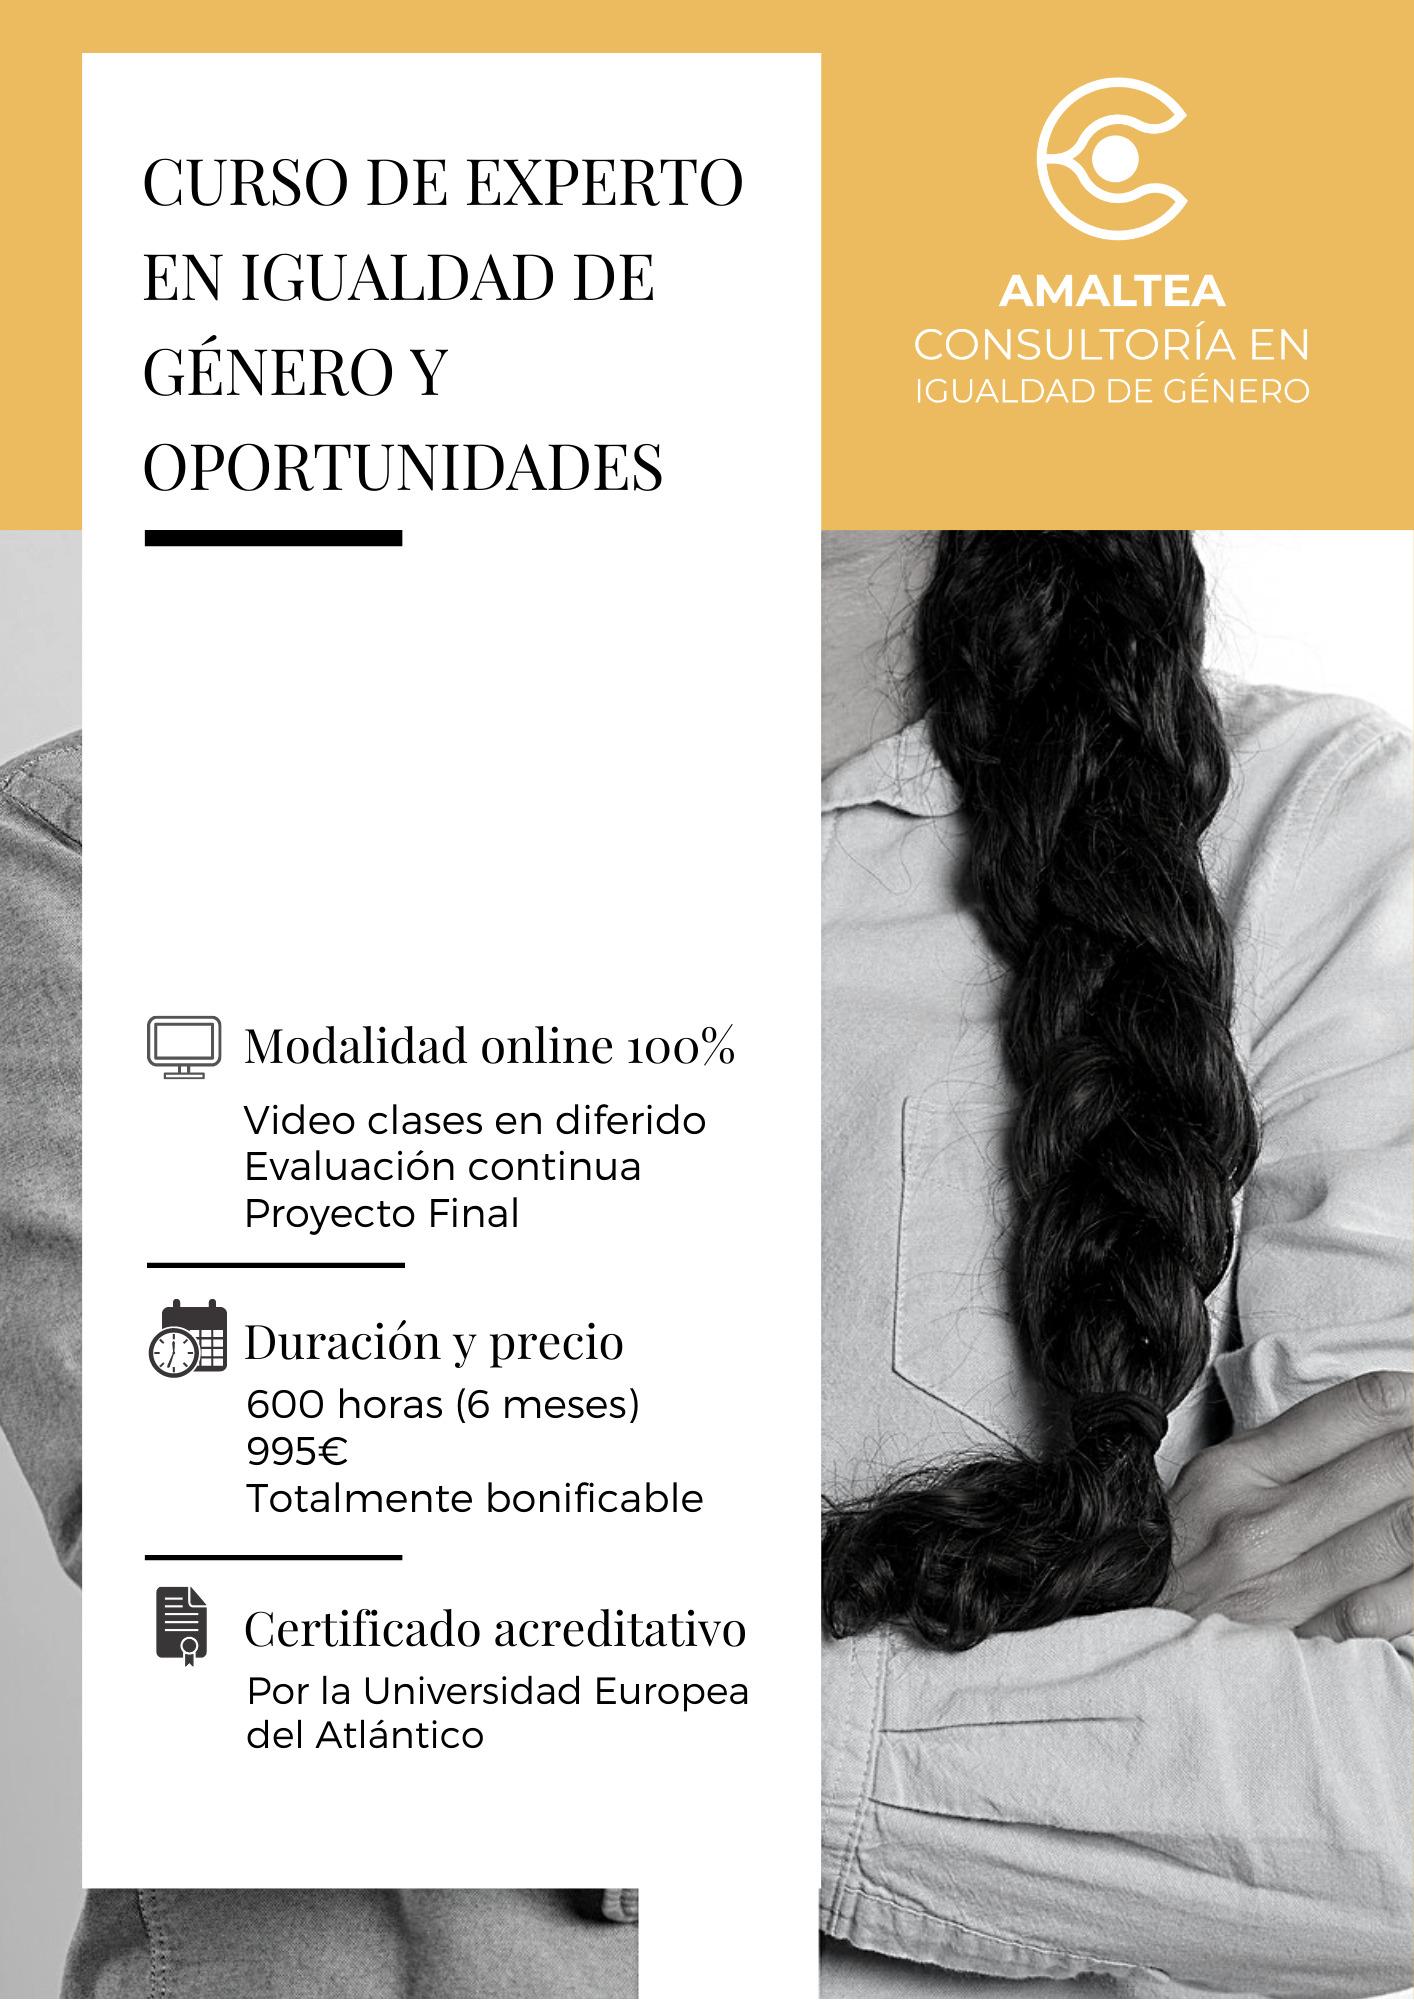 Curso de Experto en Igualdad de Género y Oportunidades 1